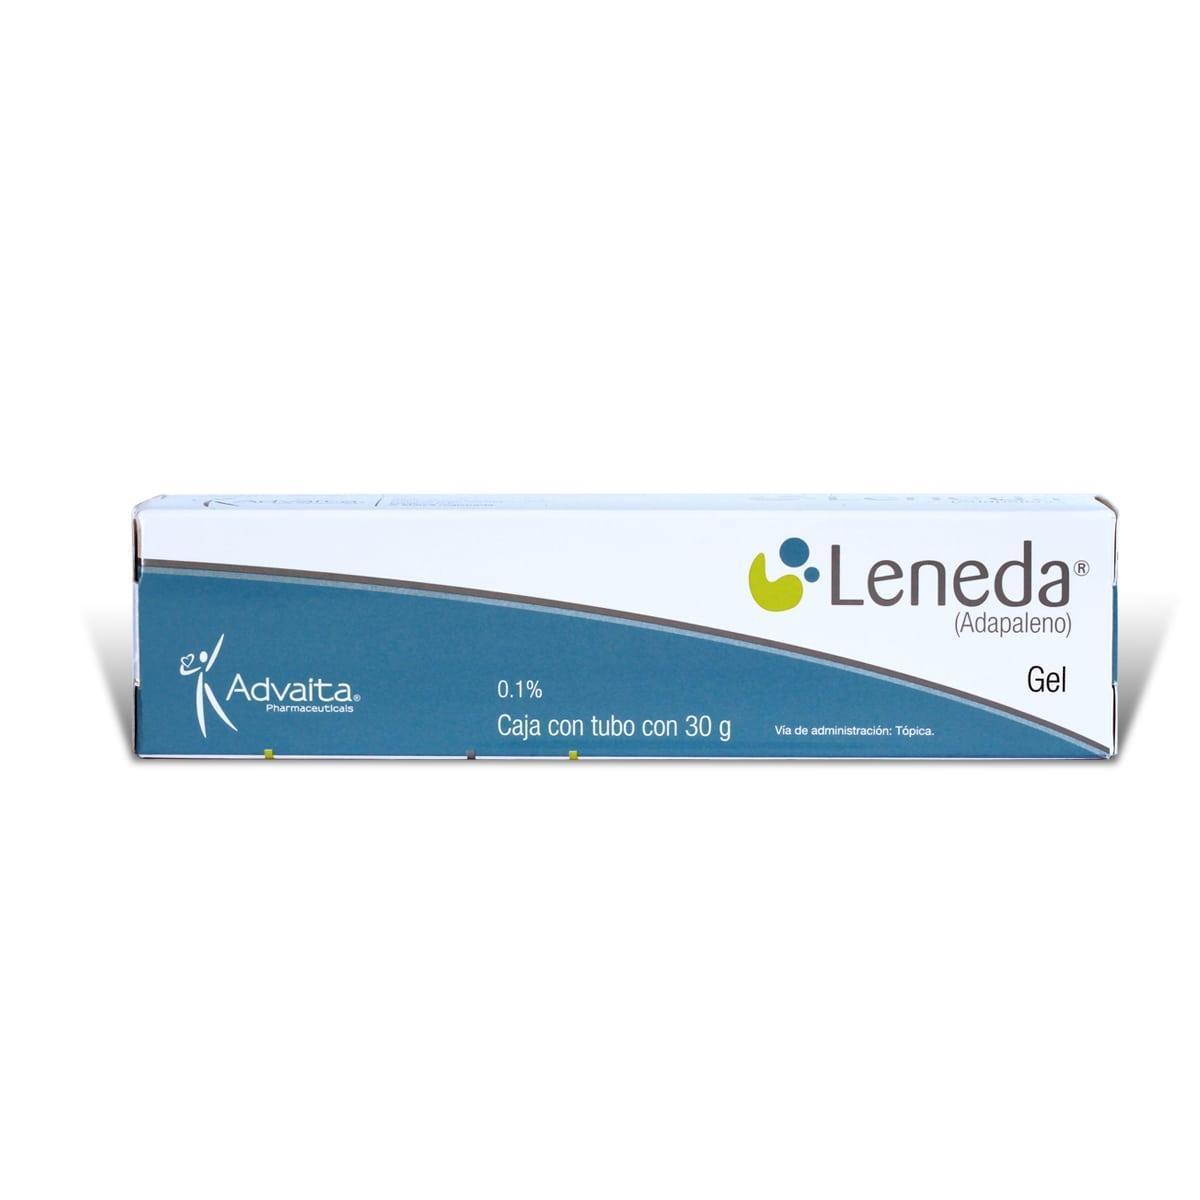 Esta indicado en acné de leve a moderado, como monoterapia o en combinación con otros tratamientos.<br/><br/>Caja con 30g de Gel al 0.1%.